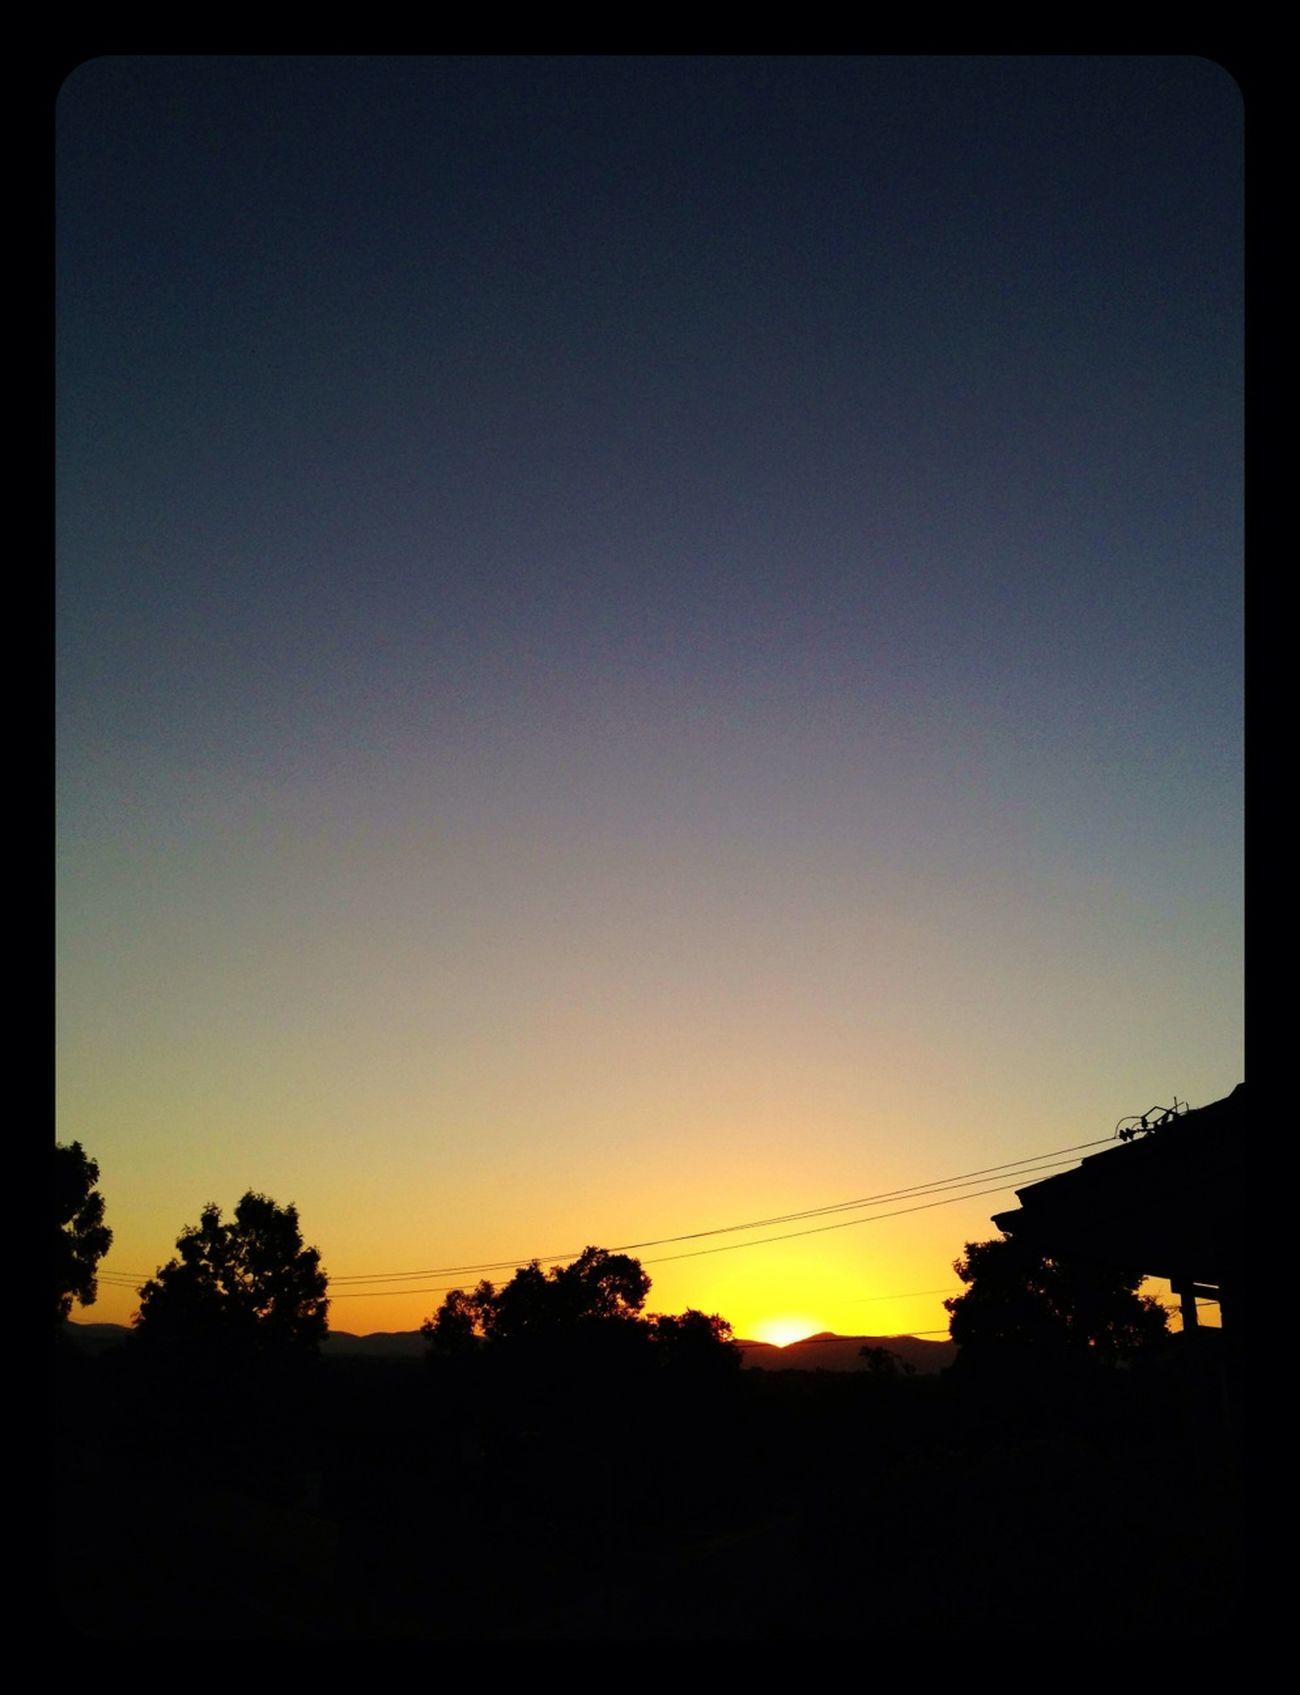 #sunsetseason